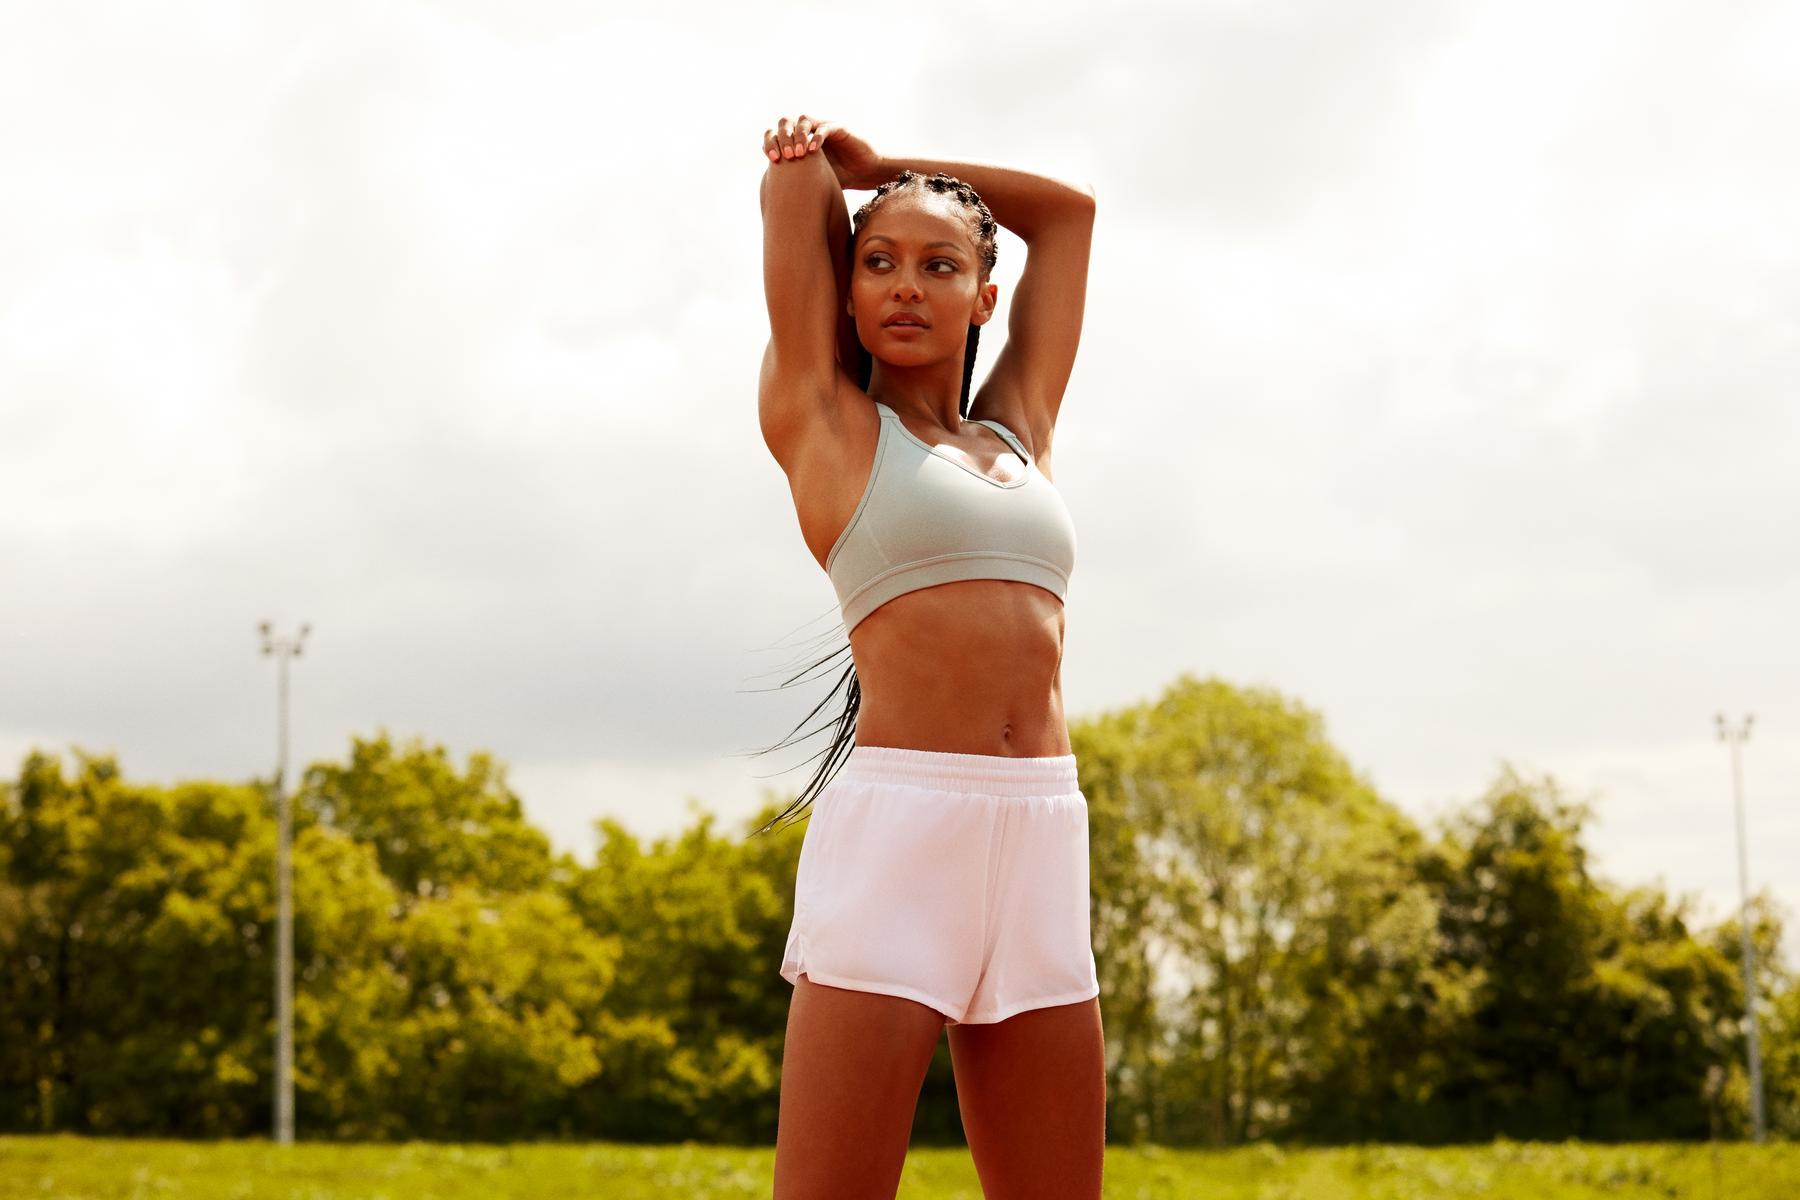 Beste L-arginine supplementen | Werking, voordelen & nadelen